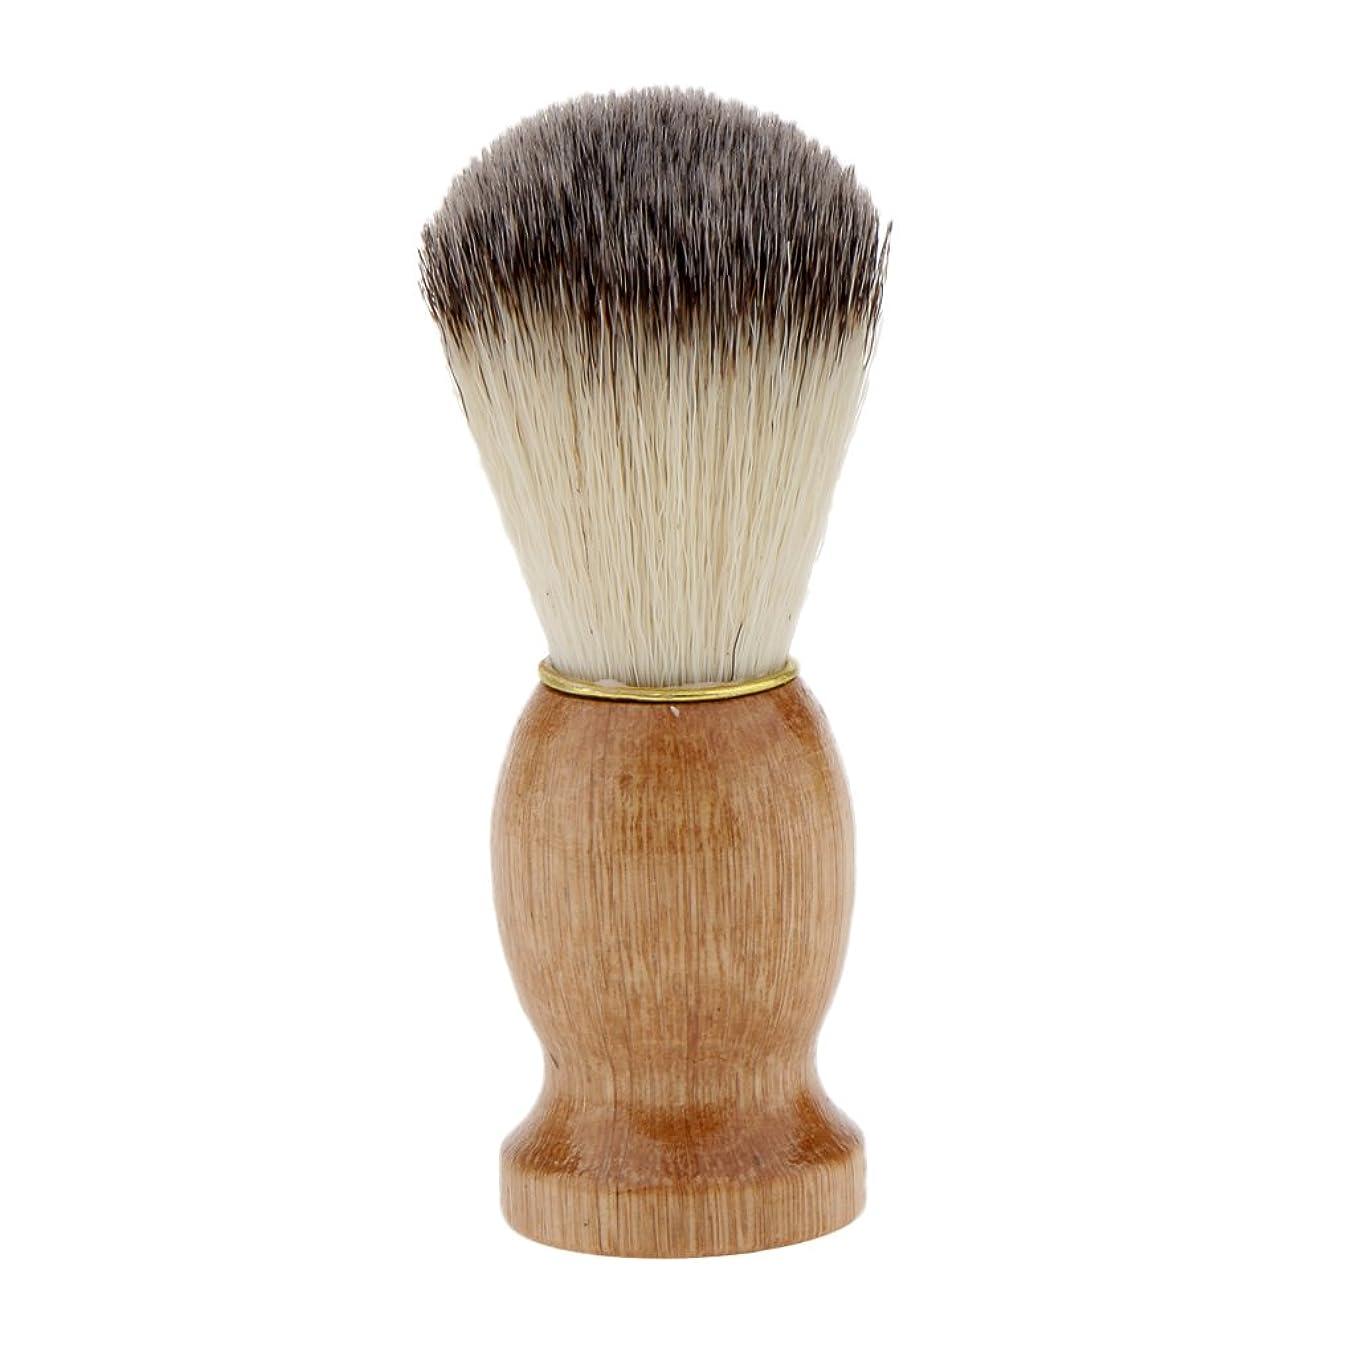 究極の方法論薄汚いCUTICATE シェービングブラシ 理容師 シェービングブラシ ひげ剃りブラシ コスメブラシ 木製ハンドル